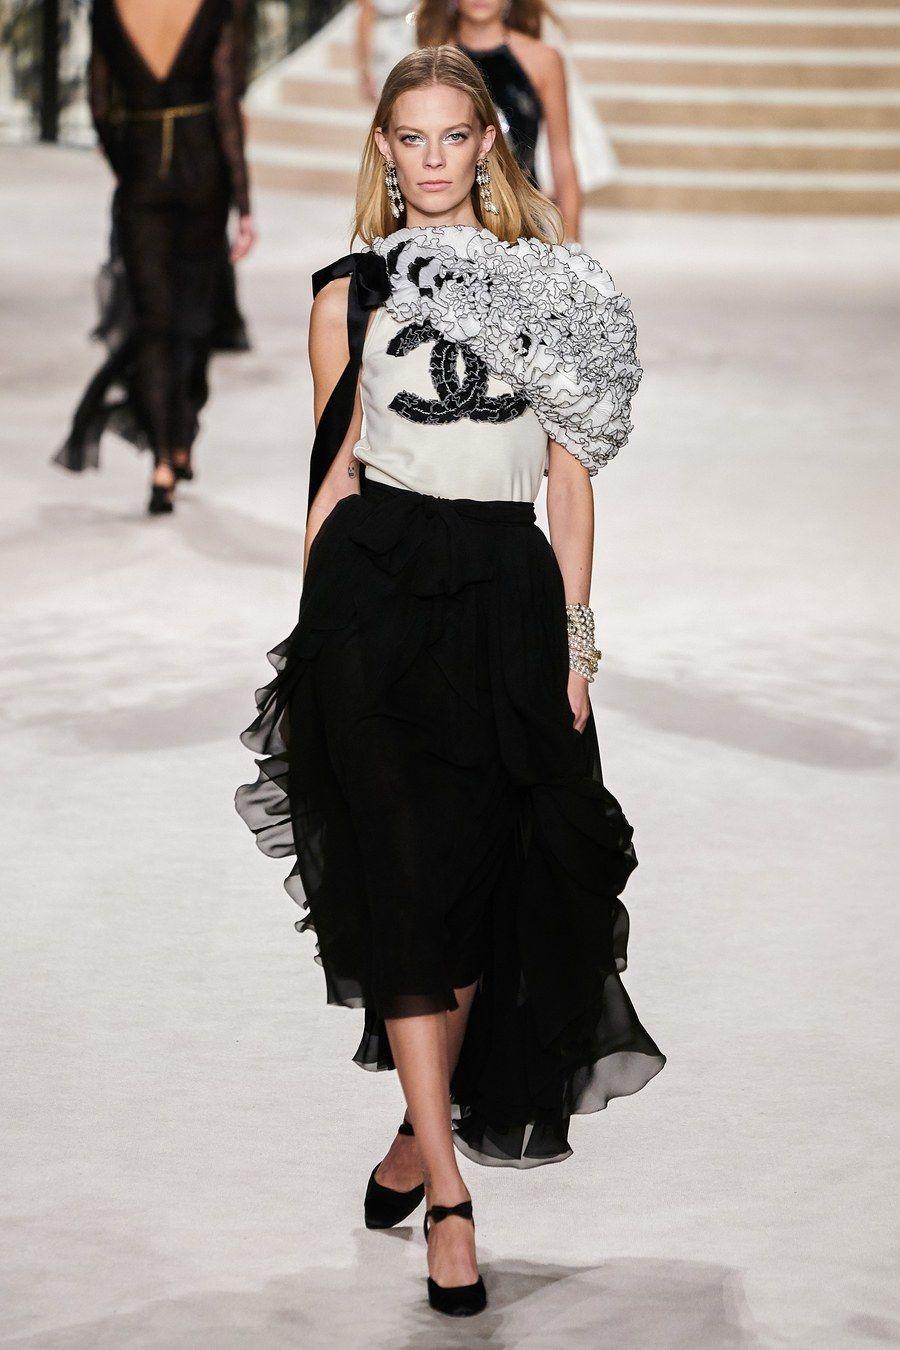 Chanel PreFall 2020 Fashion Show Модные стили, Модный